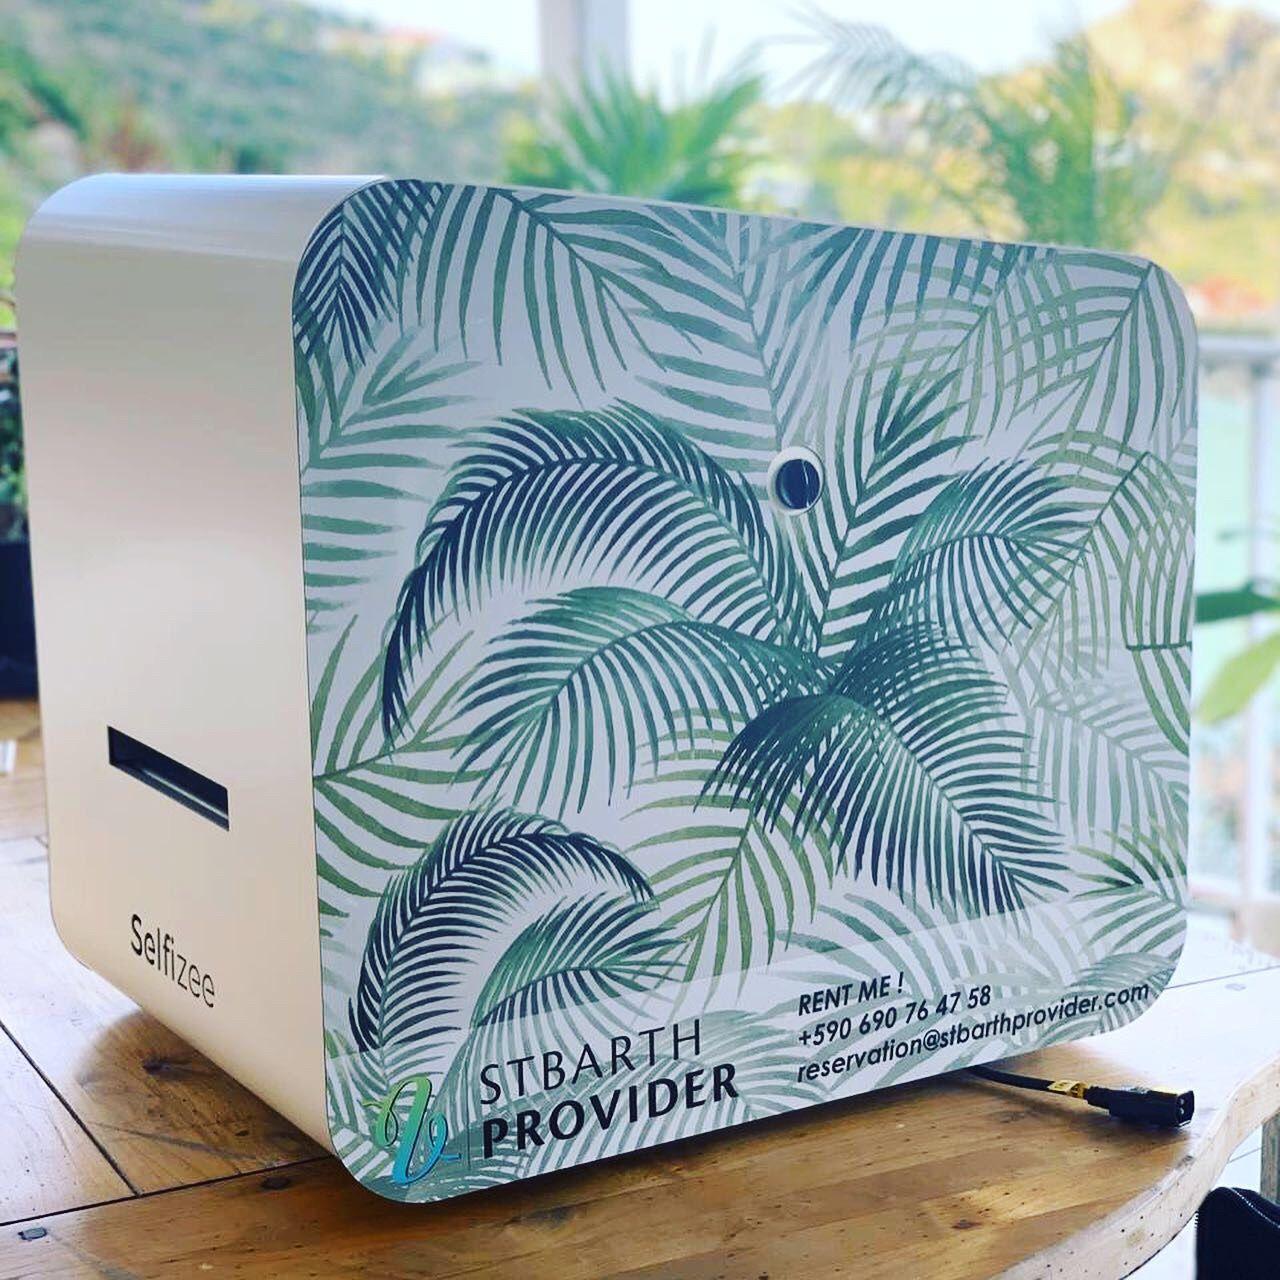 Photobooth personnalisé avec imprimante pour animation à Saint Barthélemy